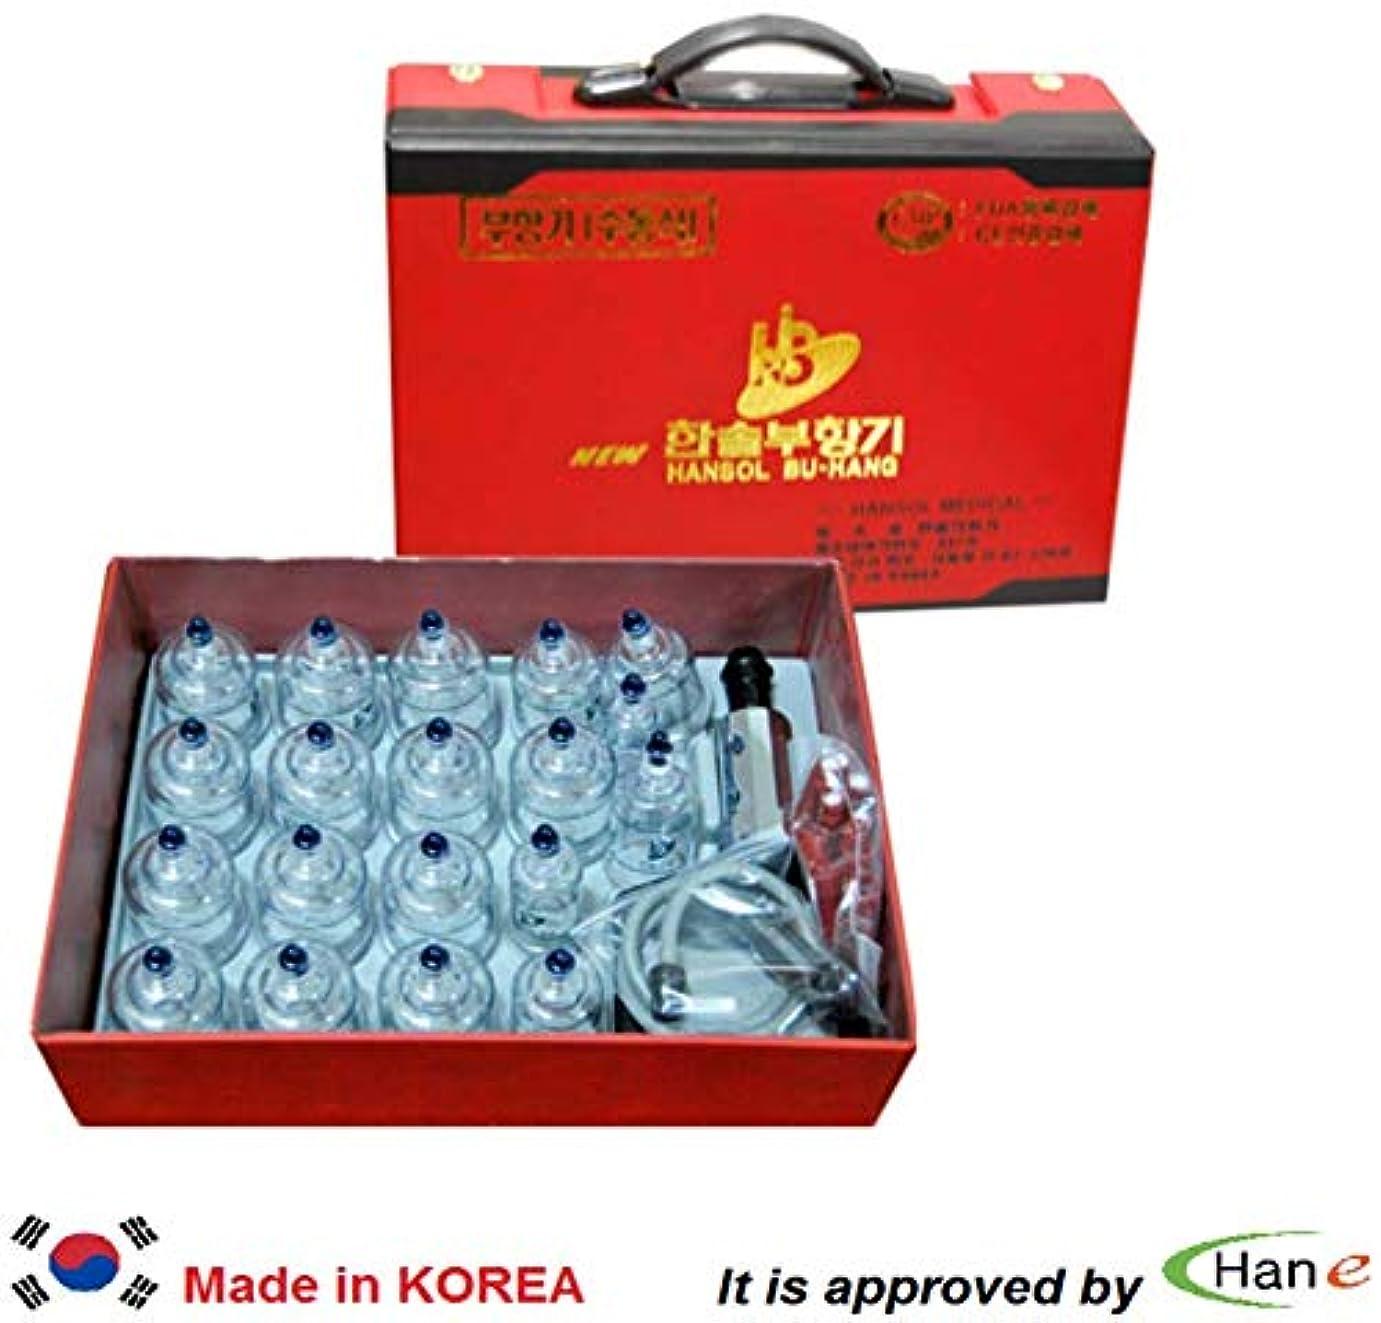 犯す徴収怒る韓国カッピングセット19カップハンディケース付属カッピングマッサージ真空吸引